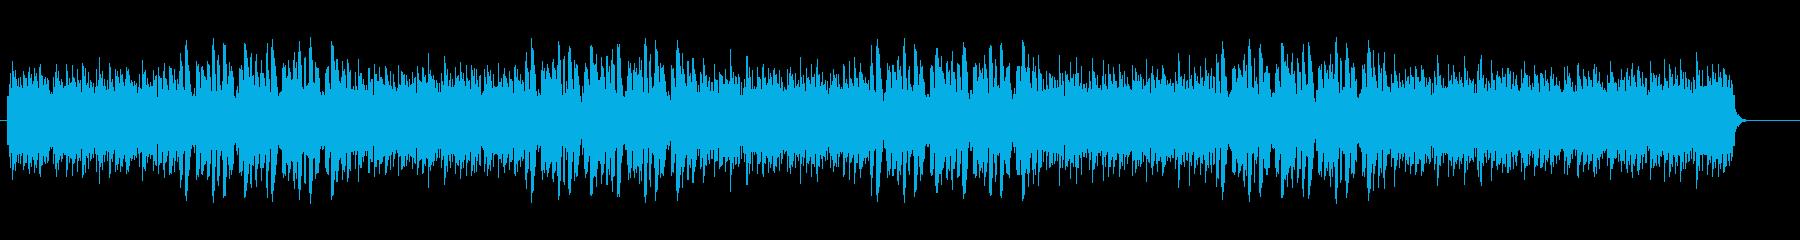 疾走感がありピアノによるハウスの再生済みの波形